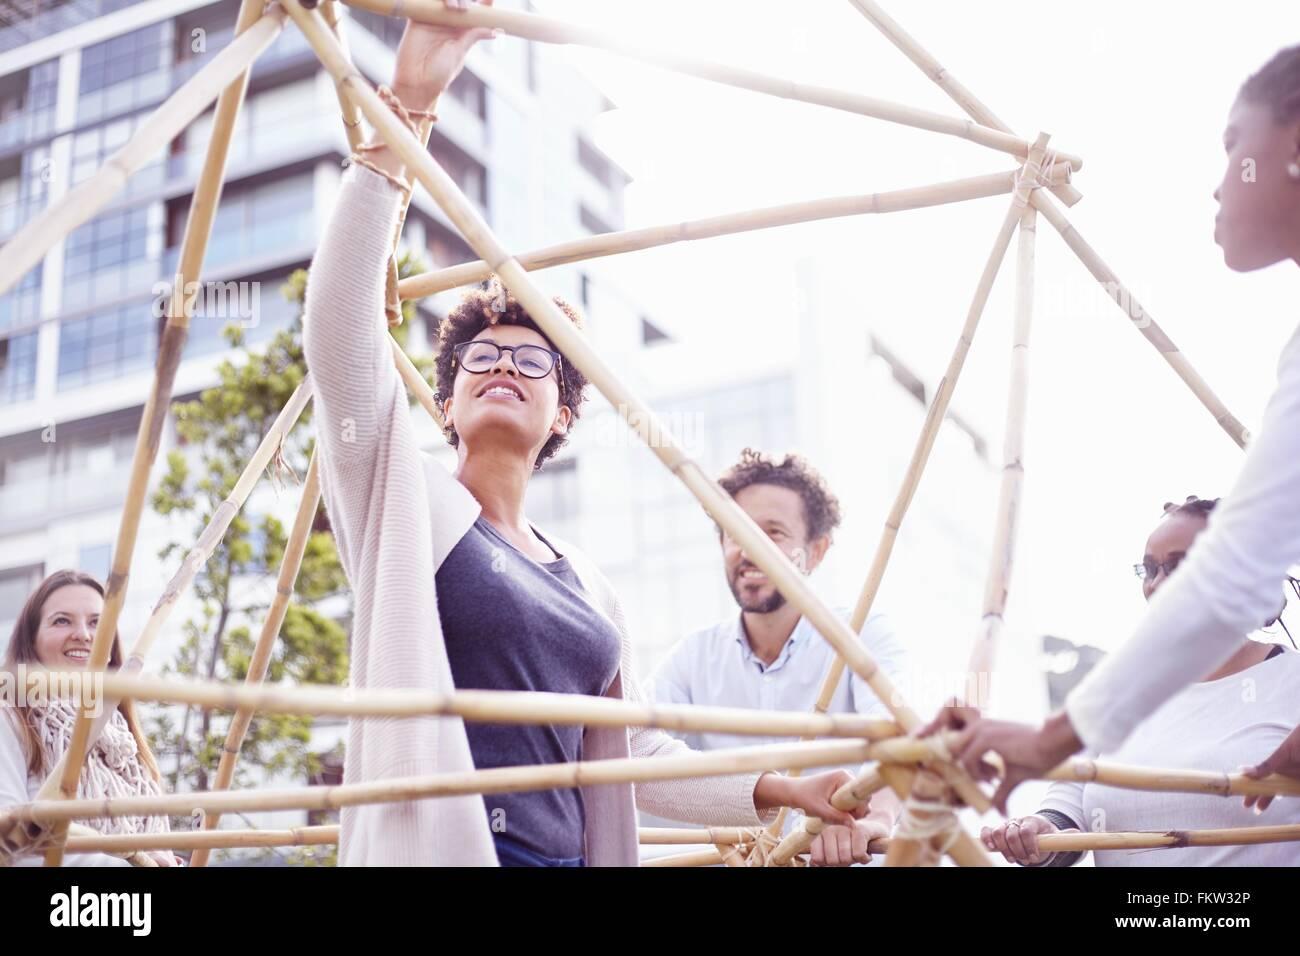 Low angle view collègues en team building construction tâche structure en bois Photo Stock